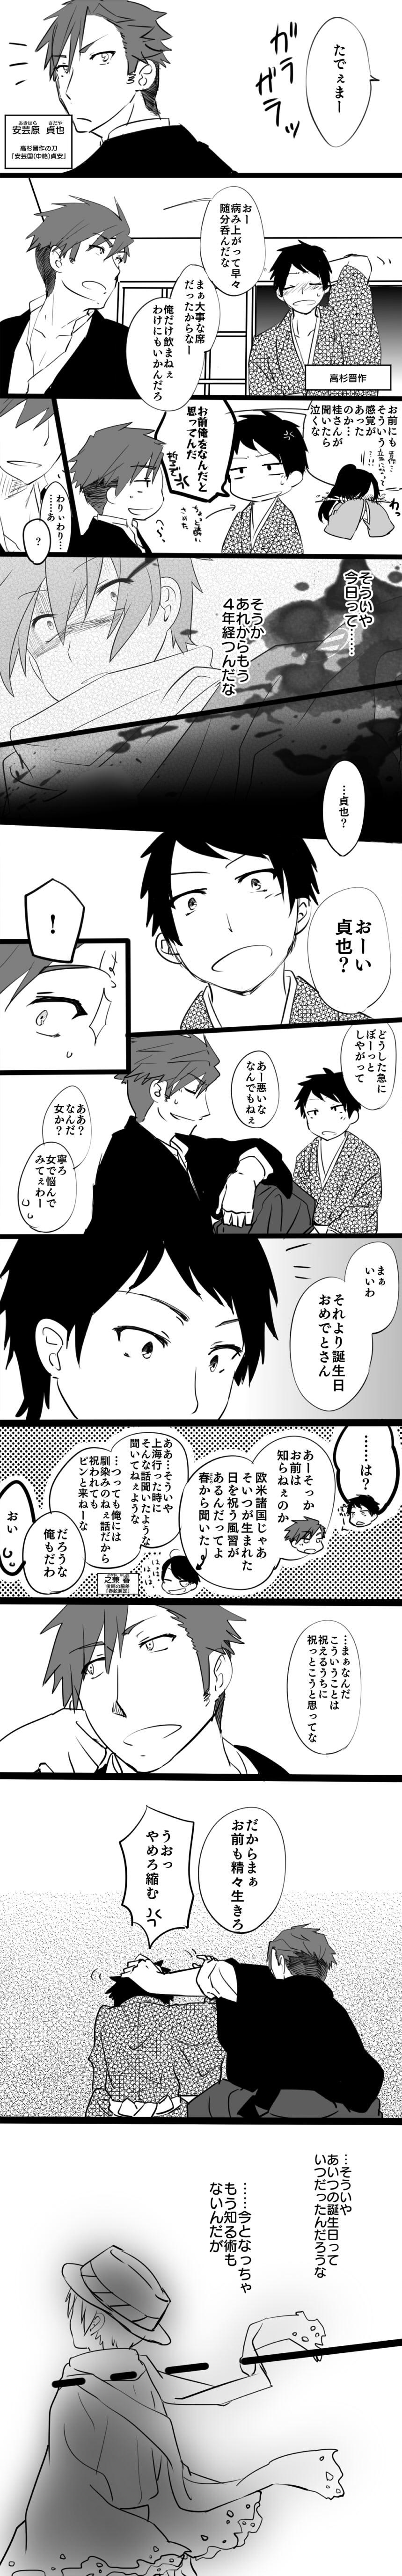 高杉晋作と貞也と8月20日の話